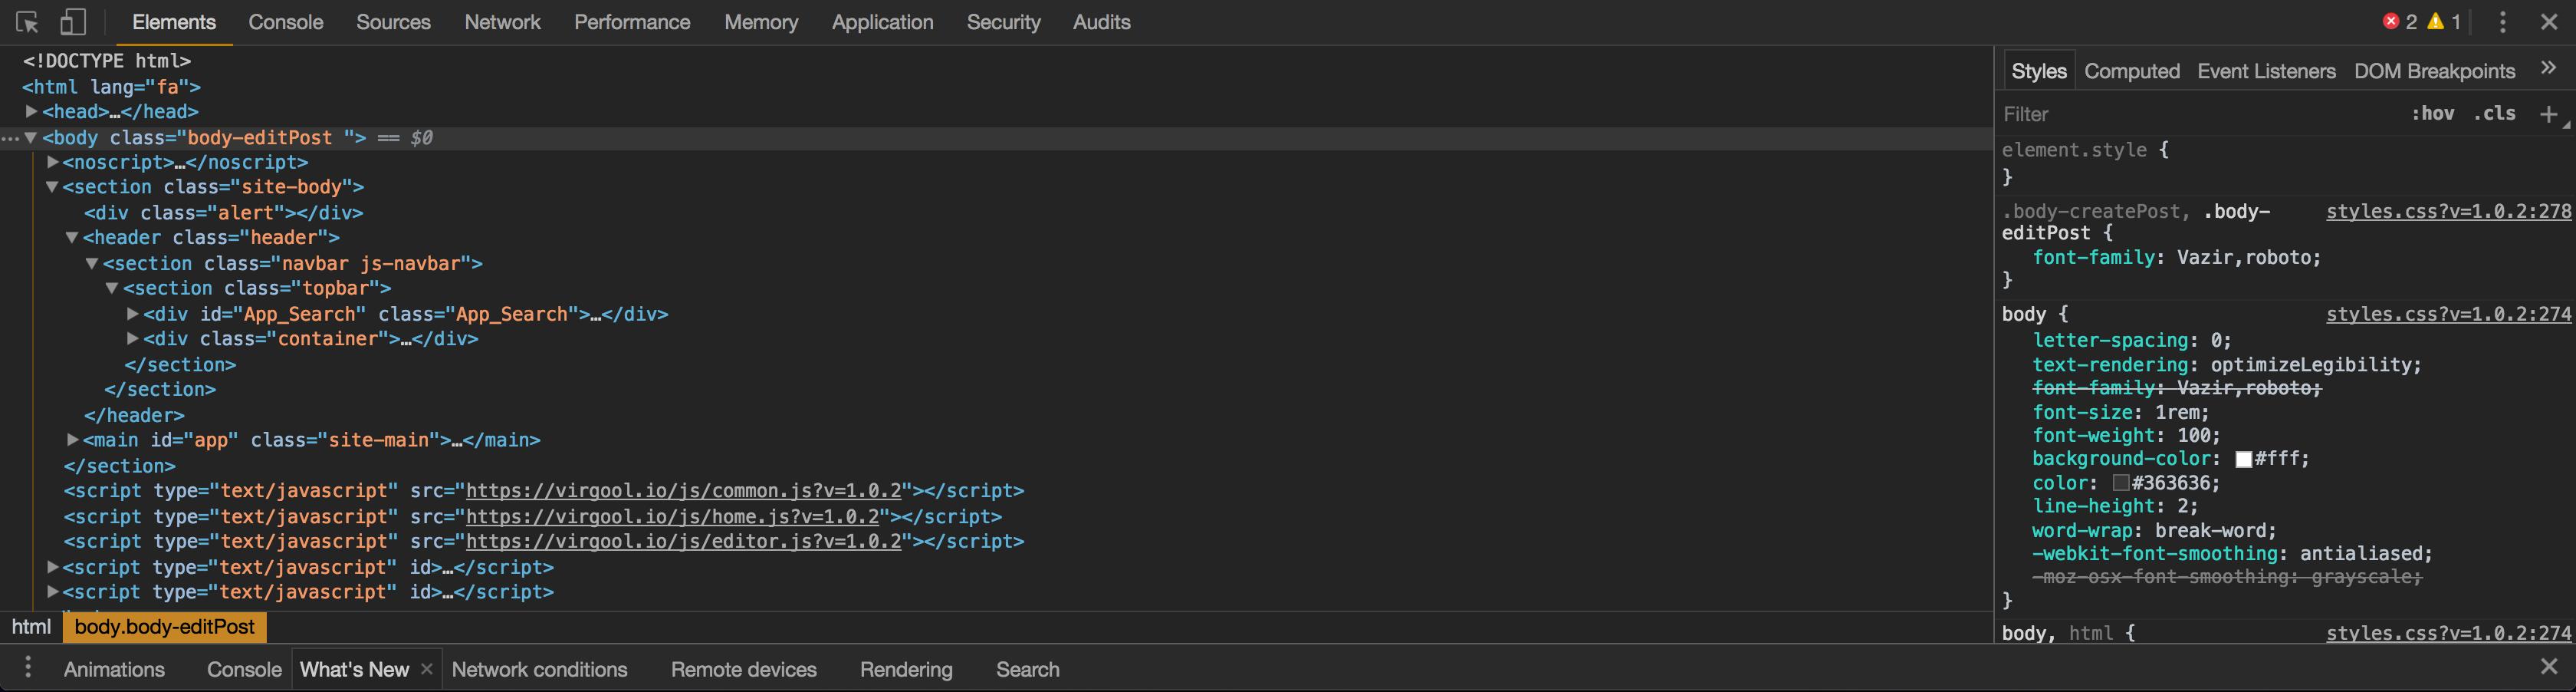 اسکرین شات Chrome Developer Tools در سایت ویرگول